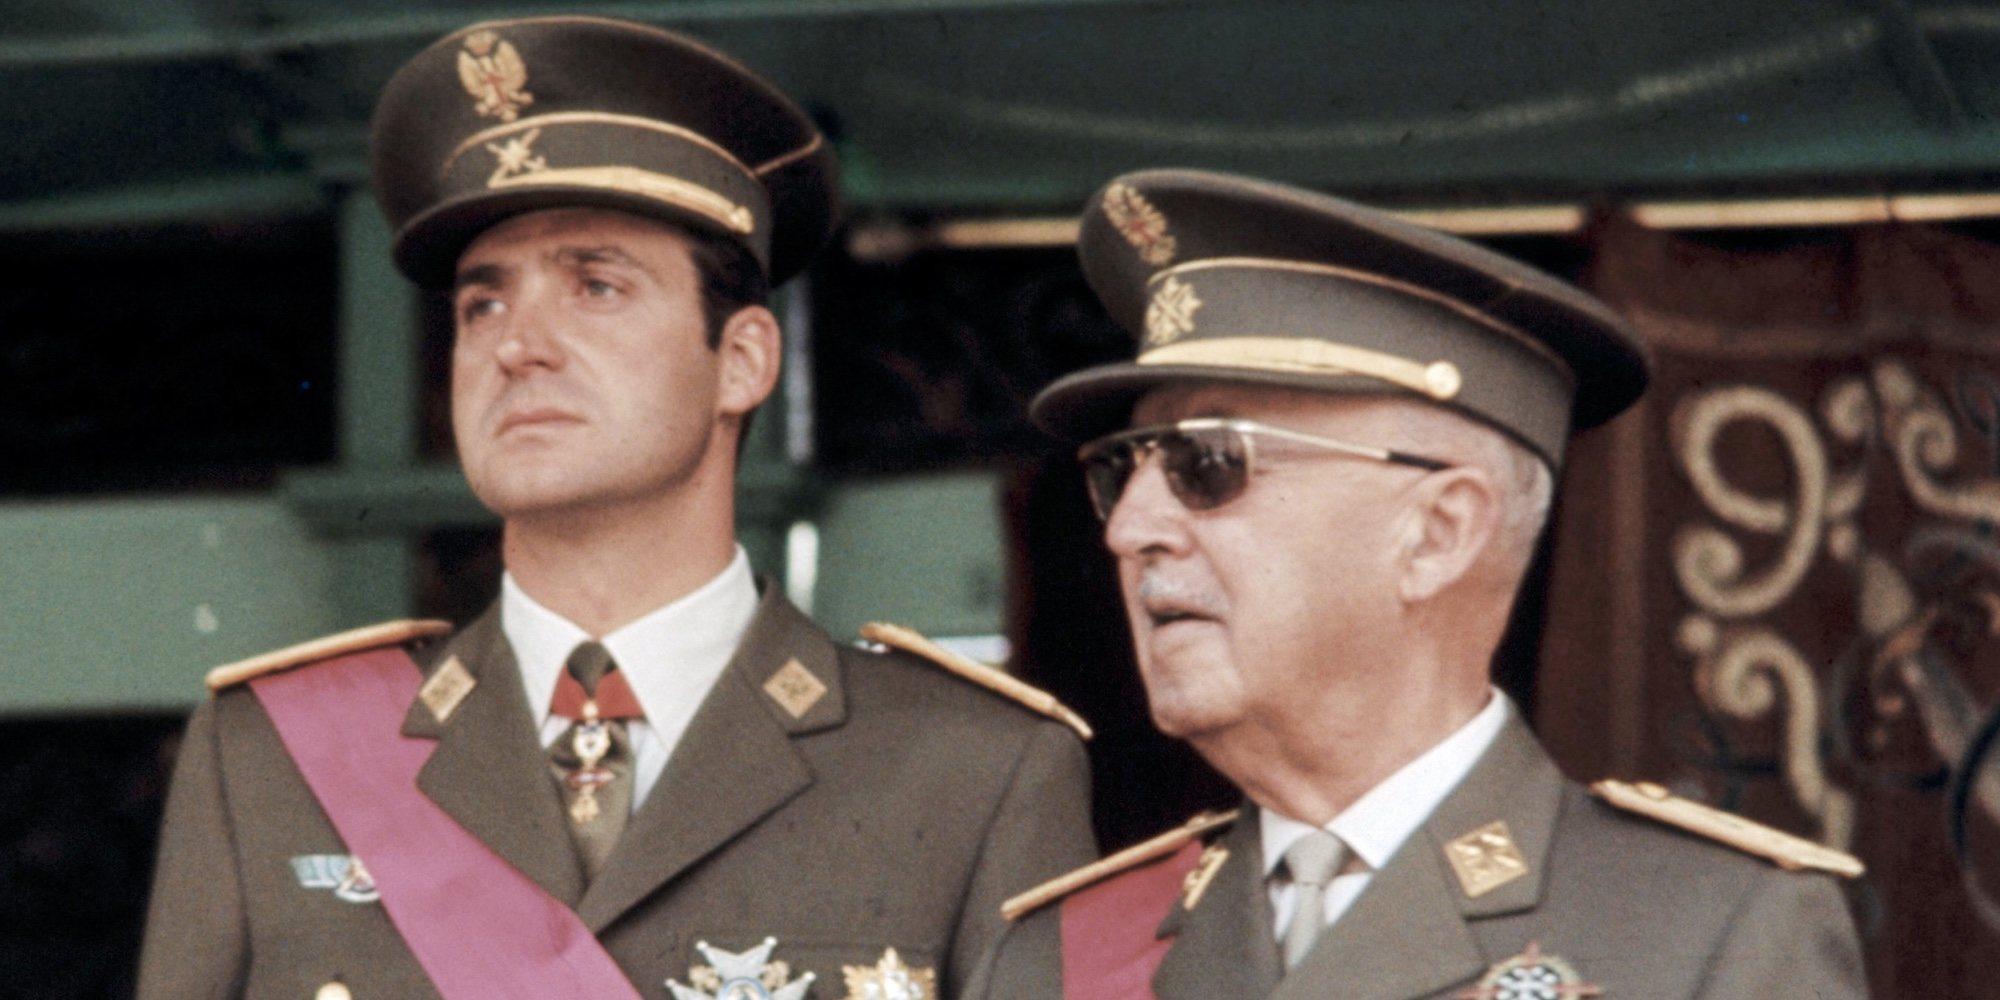 La opinión del Rey Juan Carlos sobre la exhumación de Franco y la broma sobre lo que le puede pasar a él